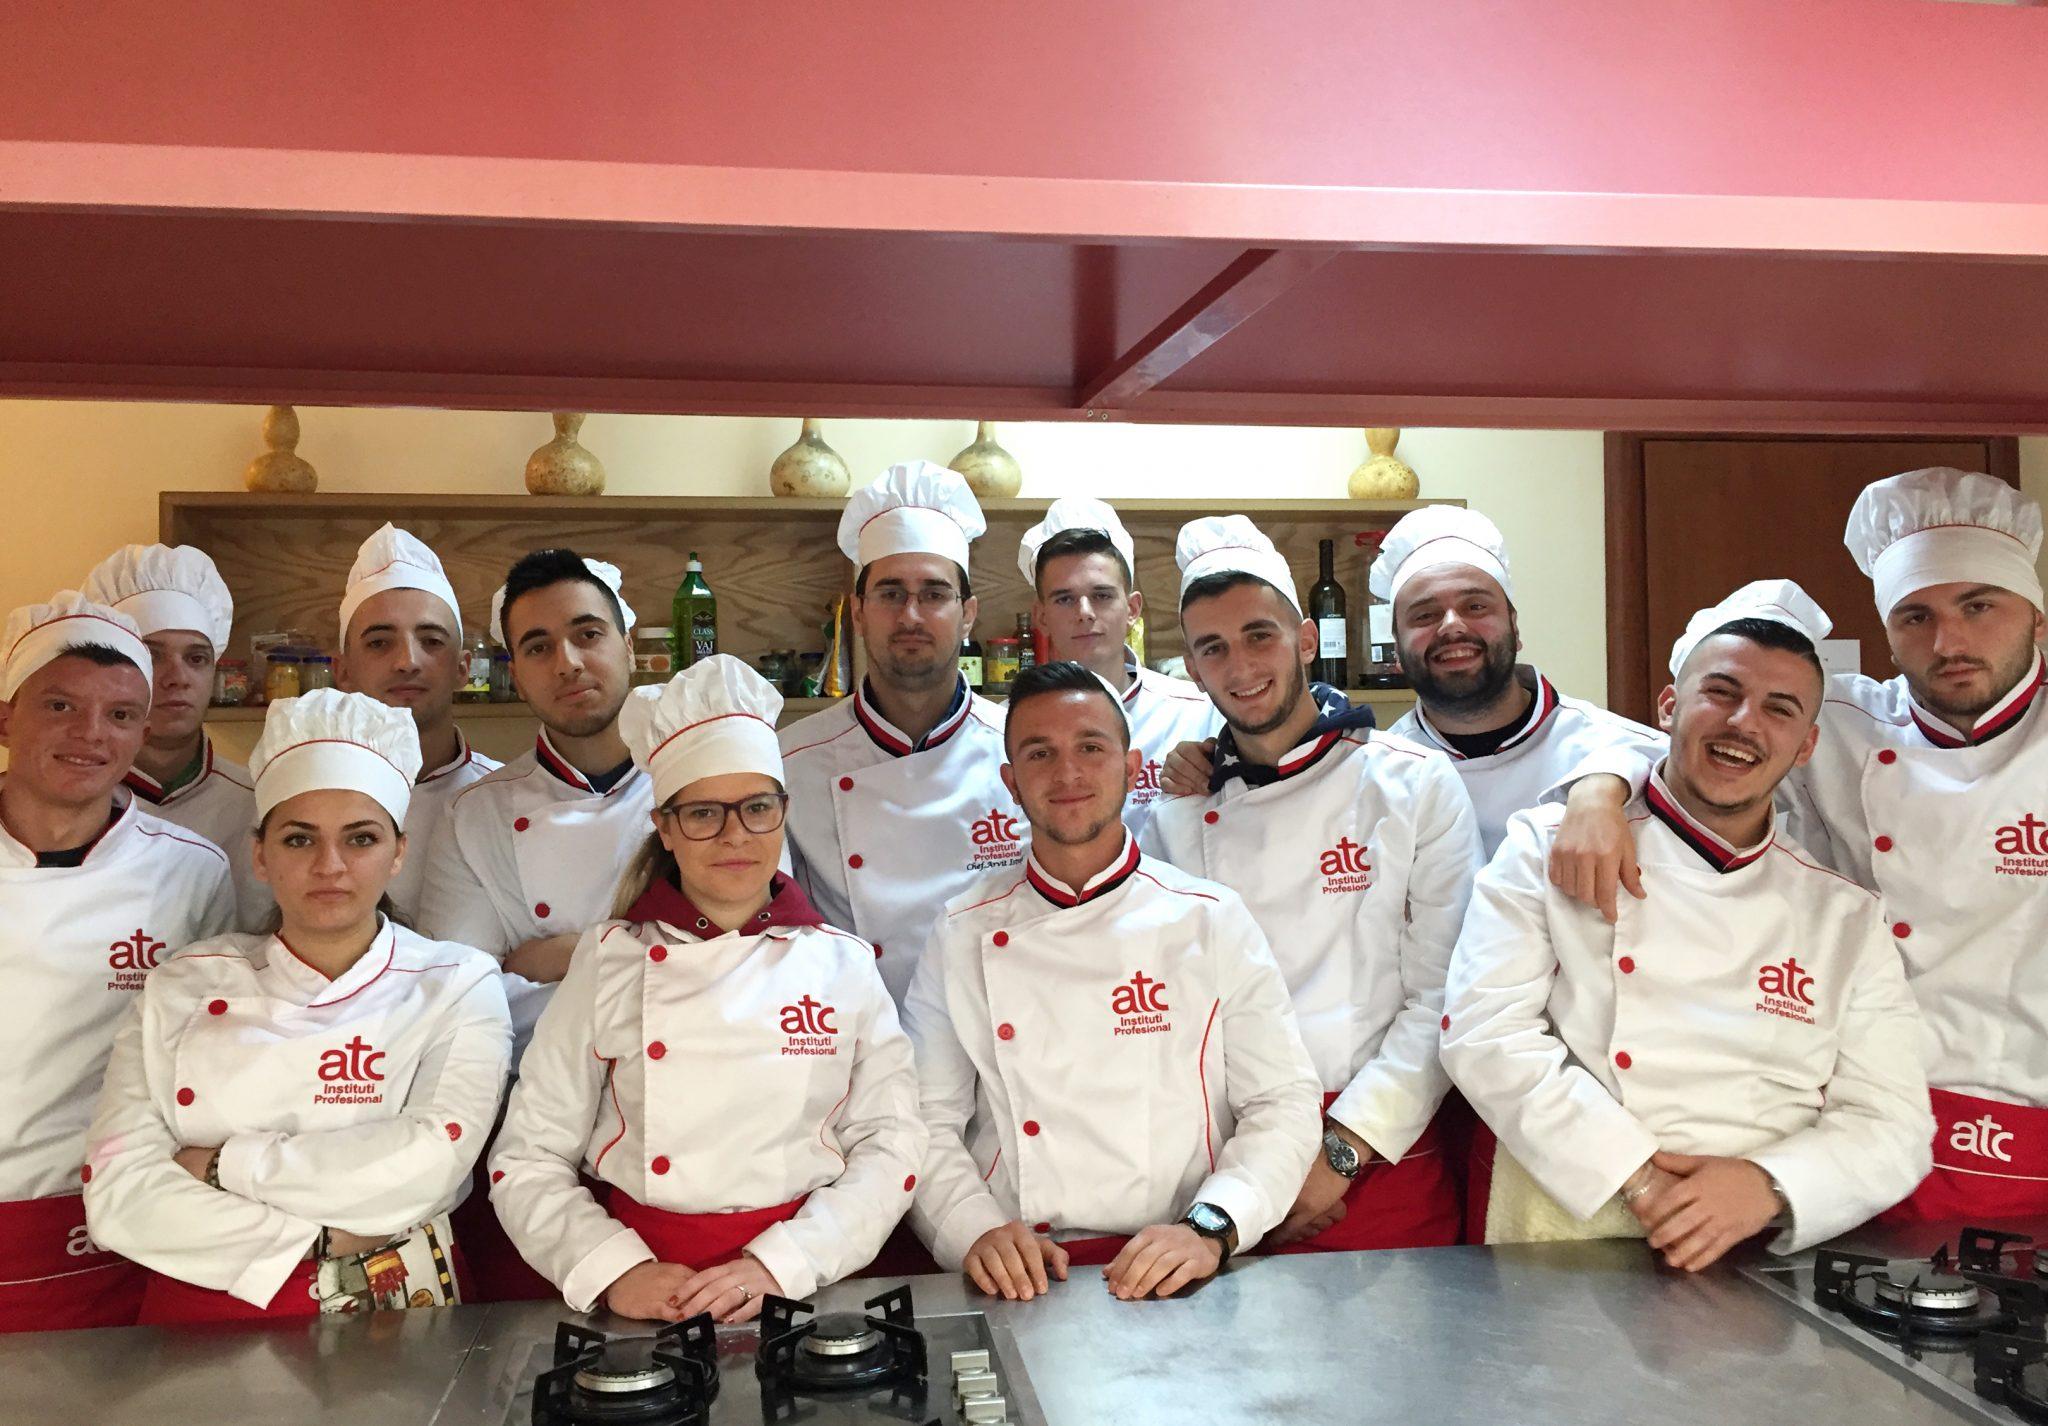 Arvit Istrefi (shef kuzhine) i punesuar ne Institutin profesional Atc.